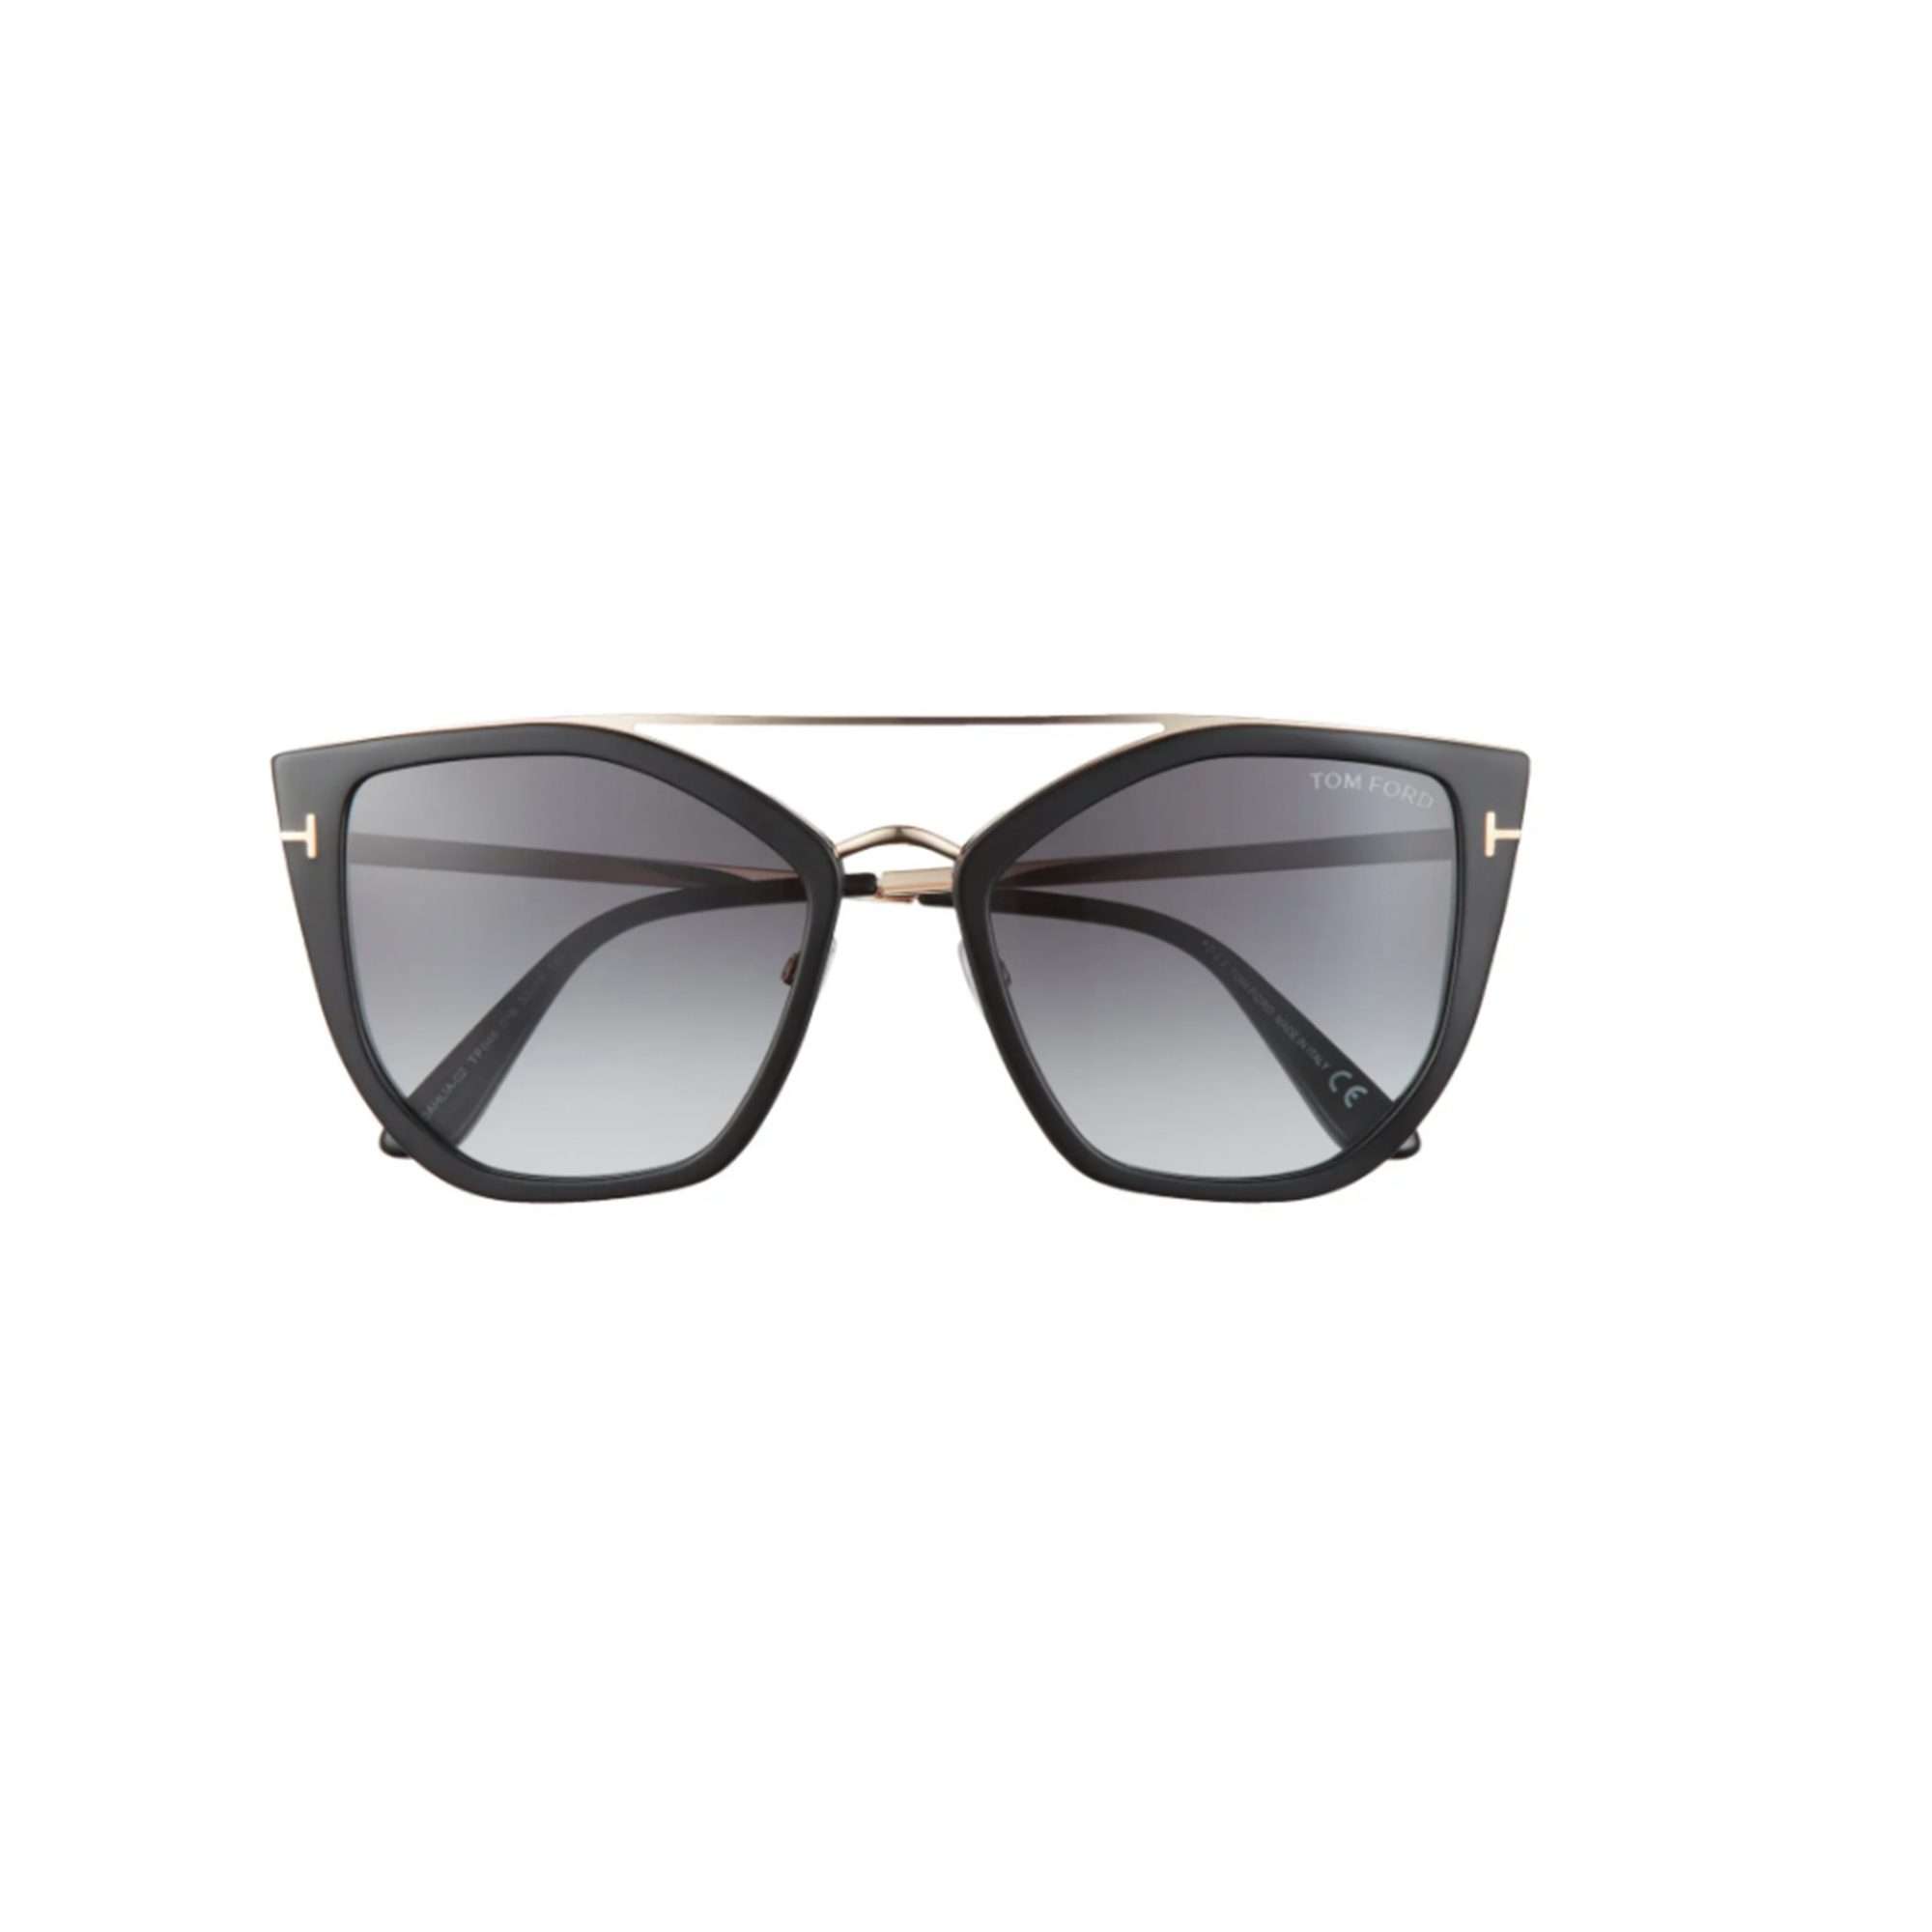 tom-ford-dahlia-sunglasses